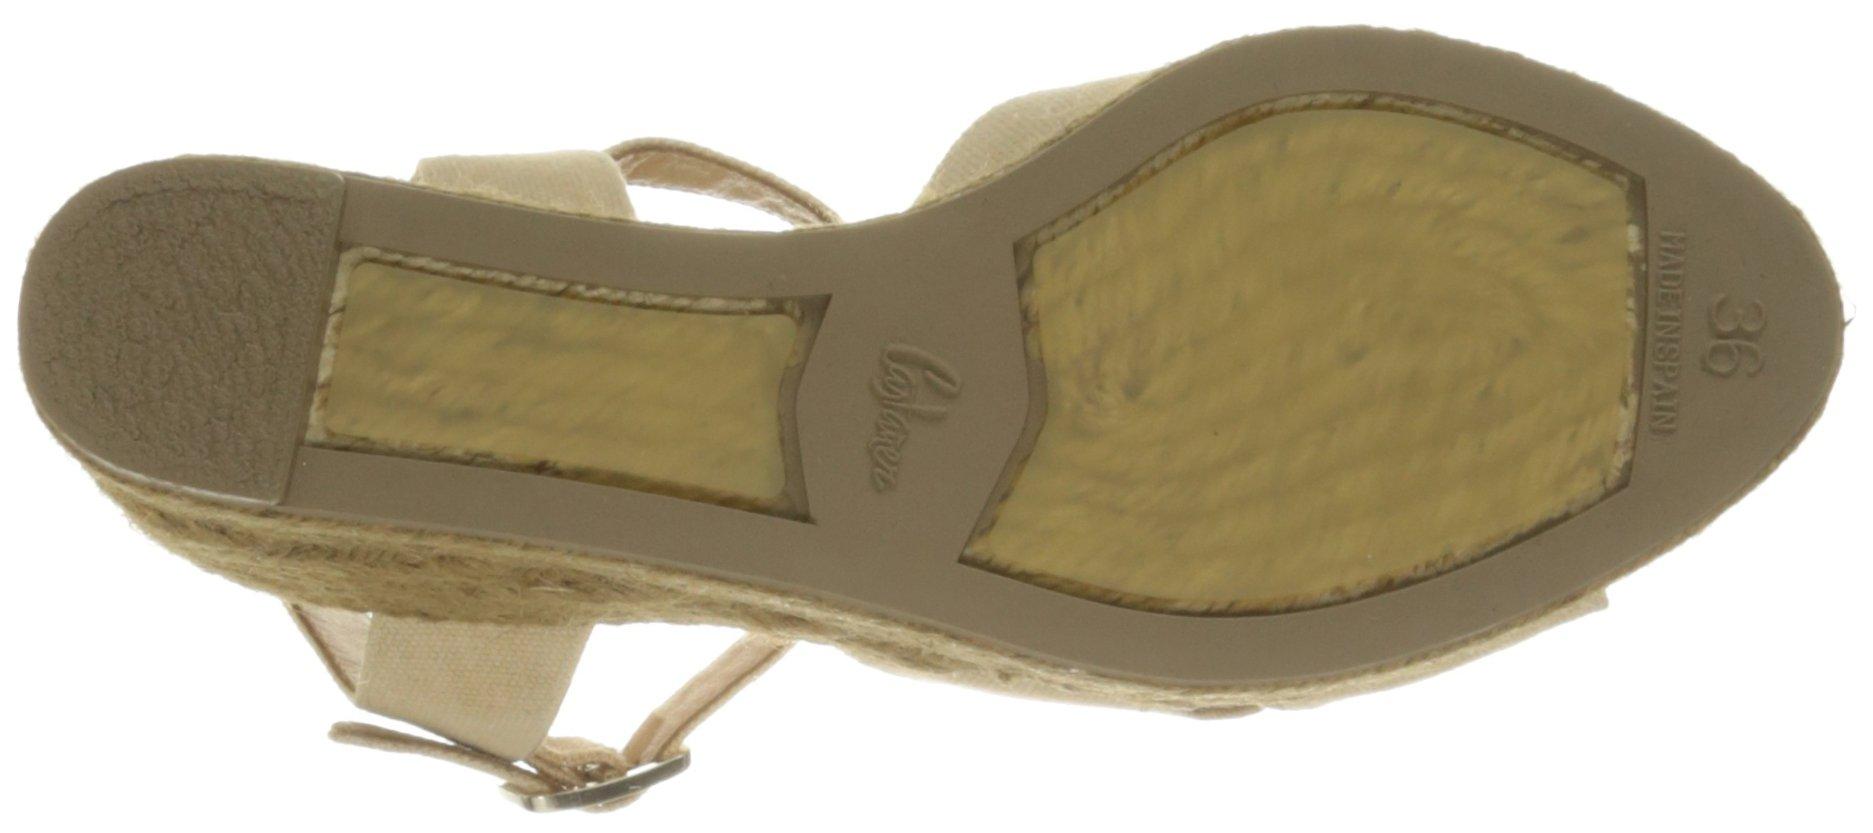 Castaner Women's Blaudell Platform Sandal, Nude (Beige), 37 EU/6.5 N US by Castaner (Image #3)